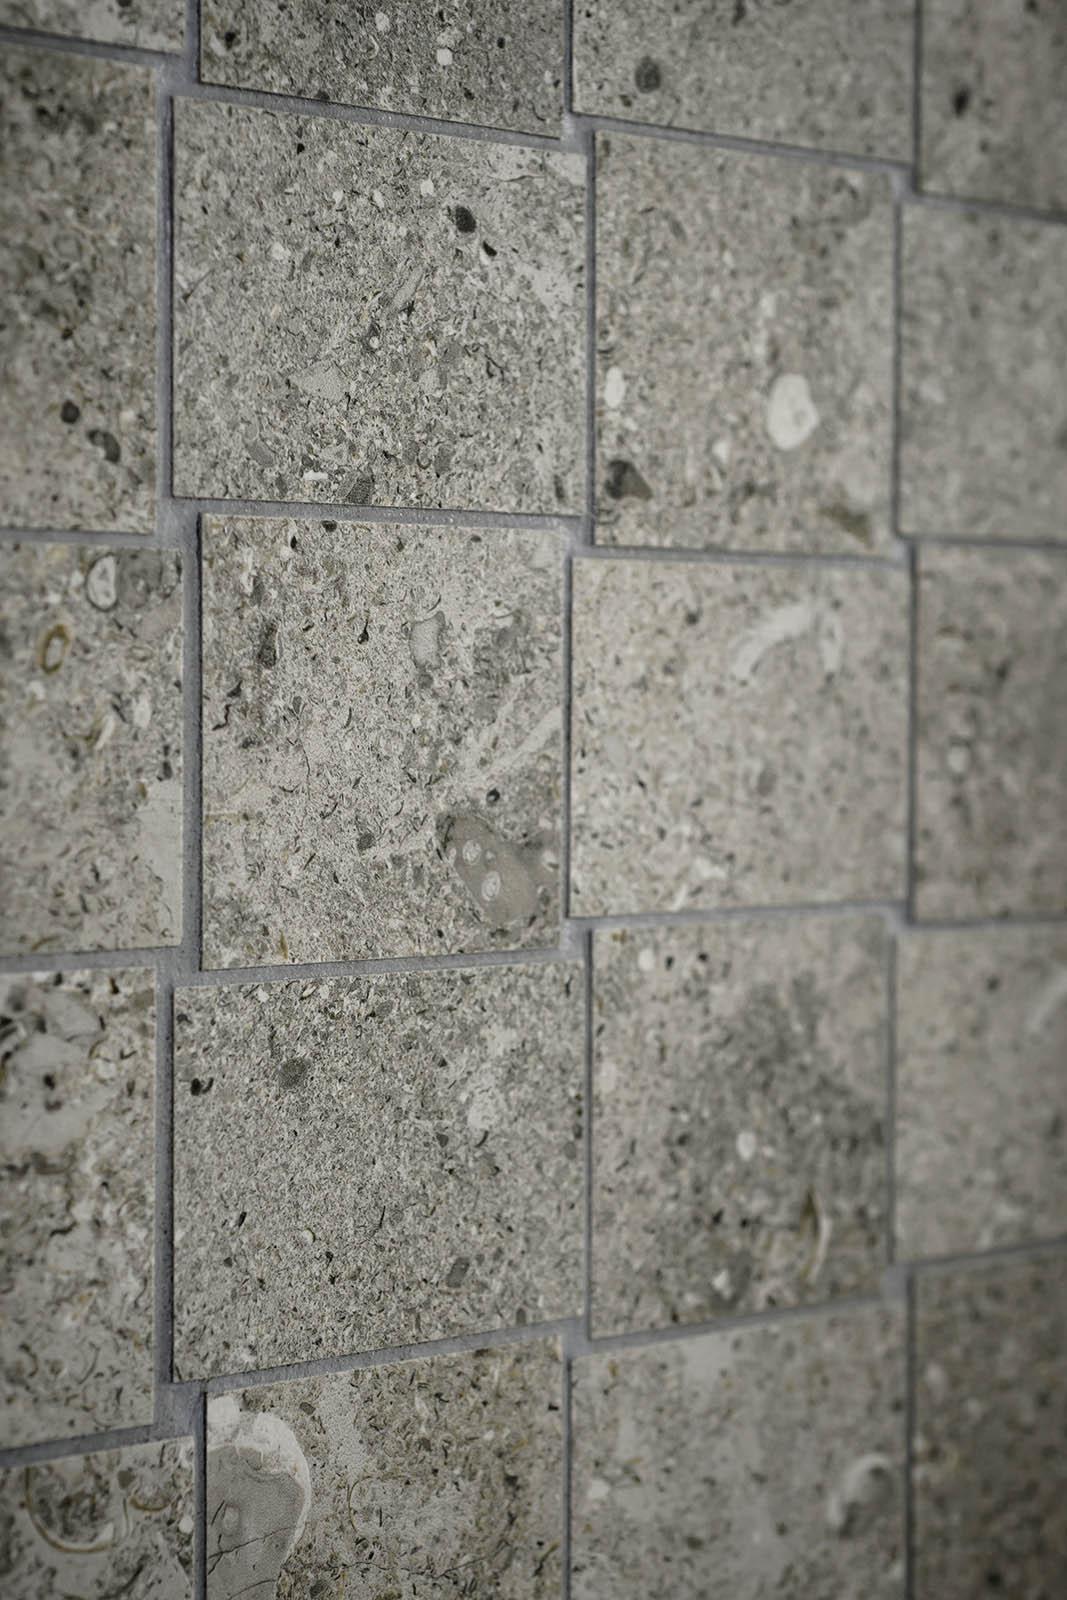 Mystone gris fleury gres imitaci n piedra marazzi - Gres imitacion piedra natural ...